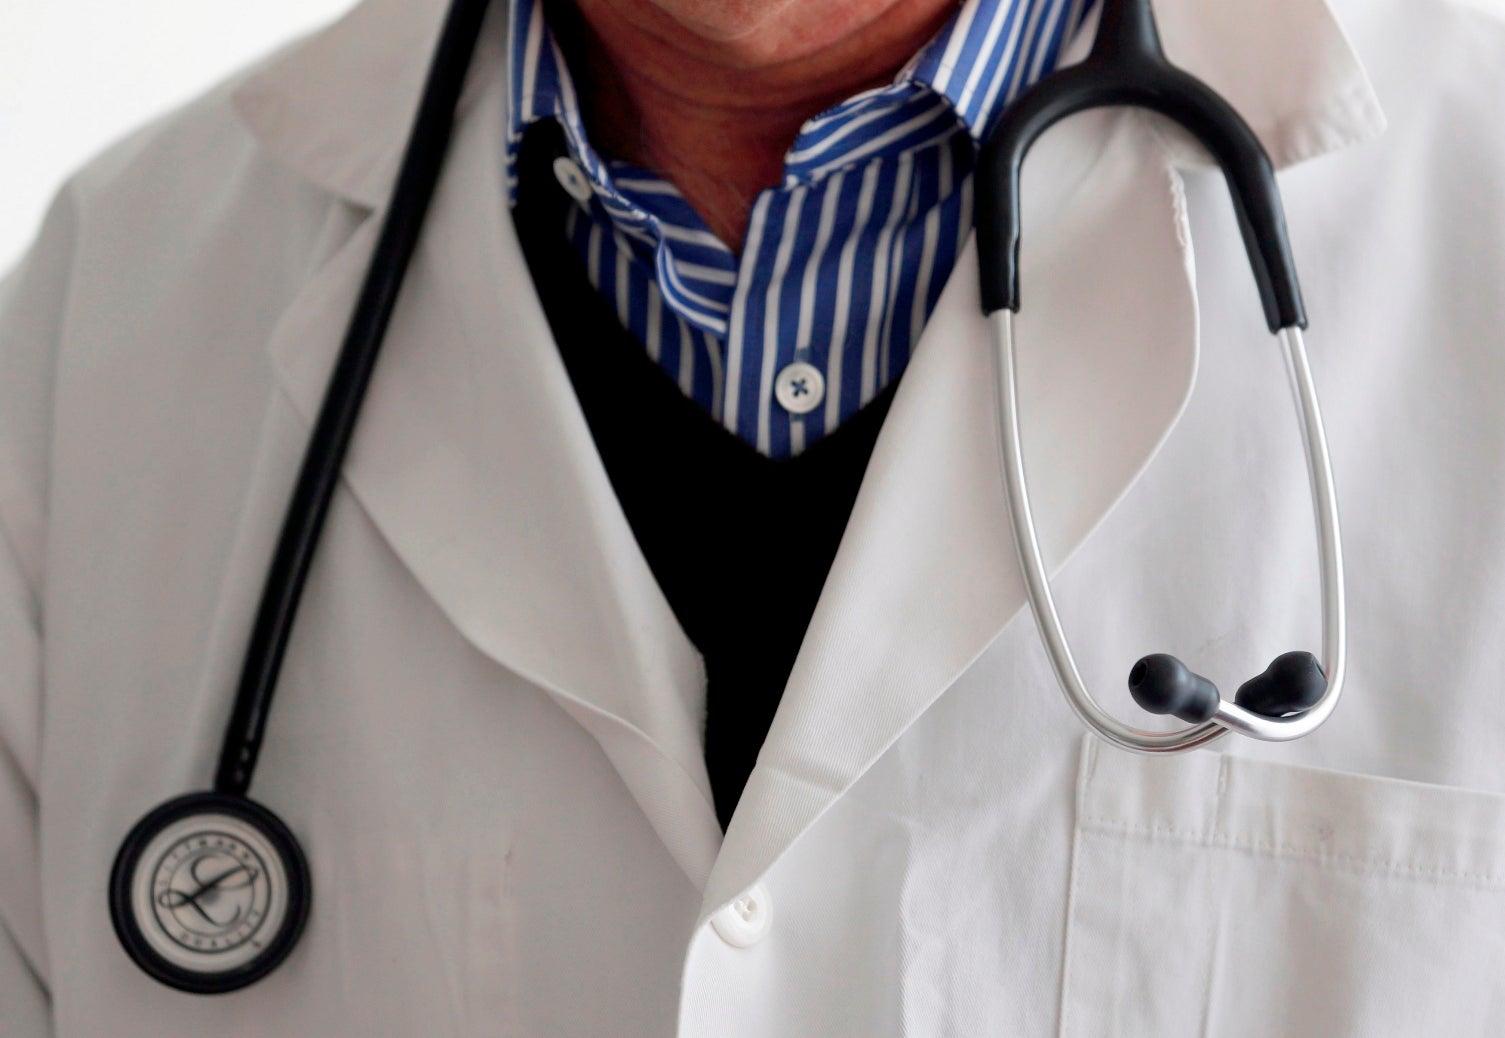 Médicos iniciaram greve de três dias